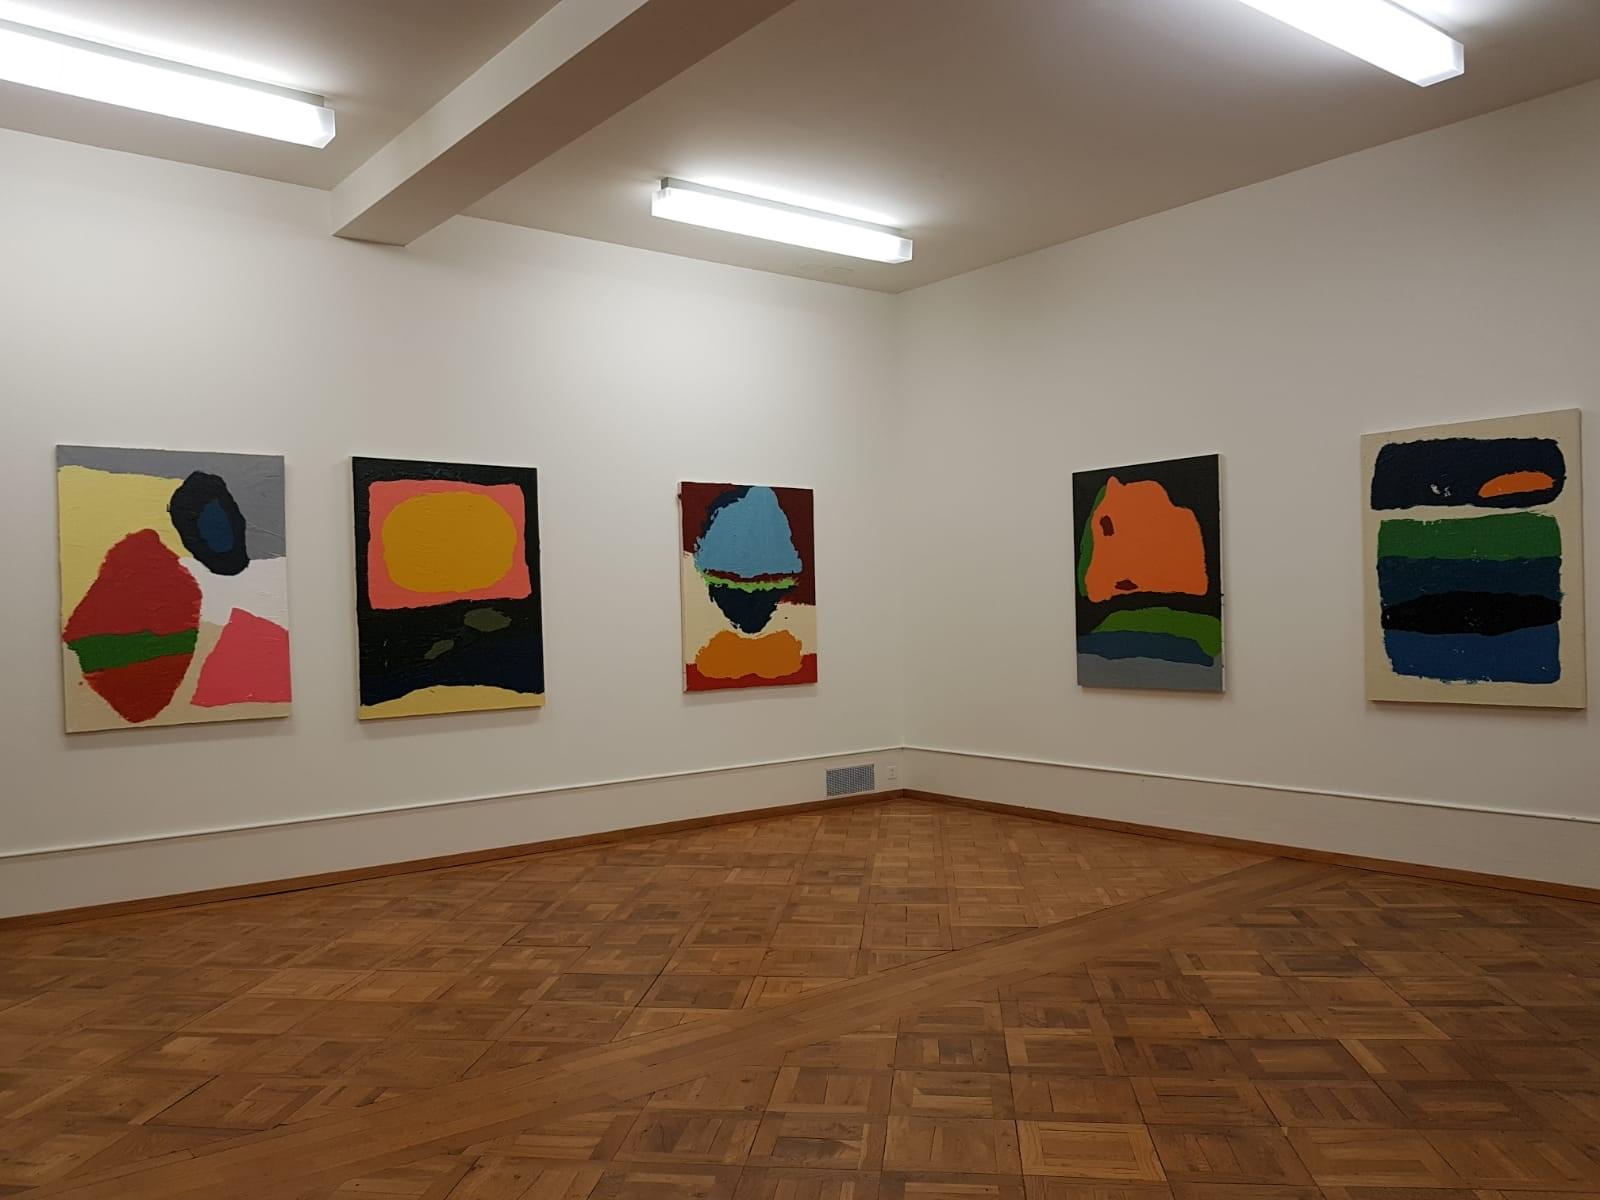 In einem Saal mit Holzboden und weissen Wänden hängen 5 gemalte, abstrakte und bunte Bilder.